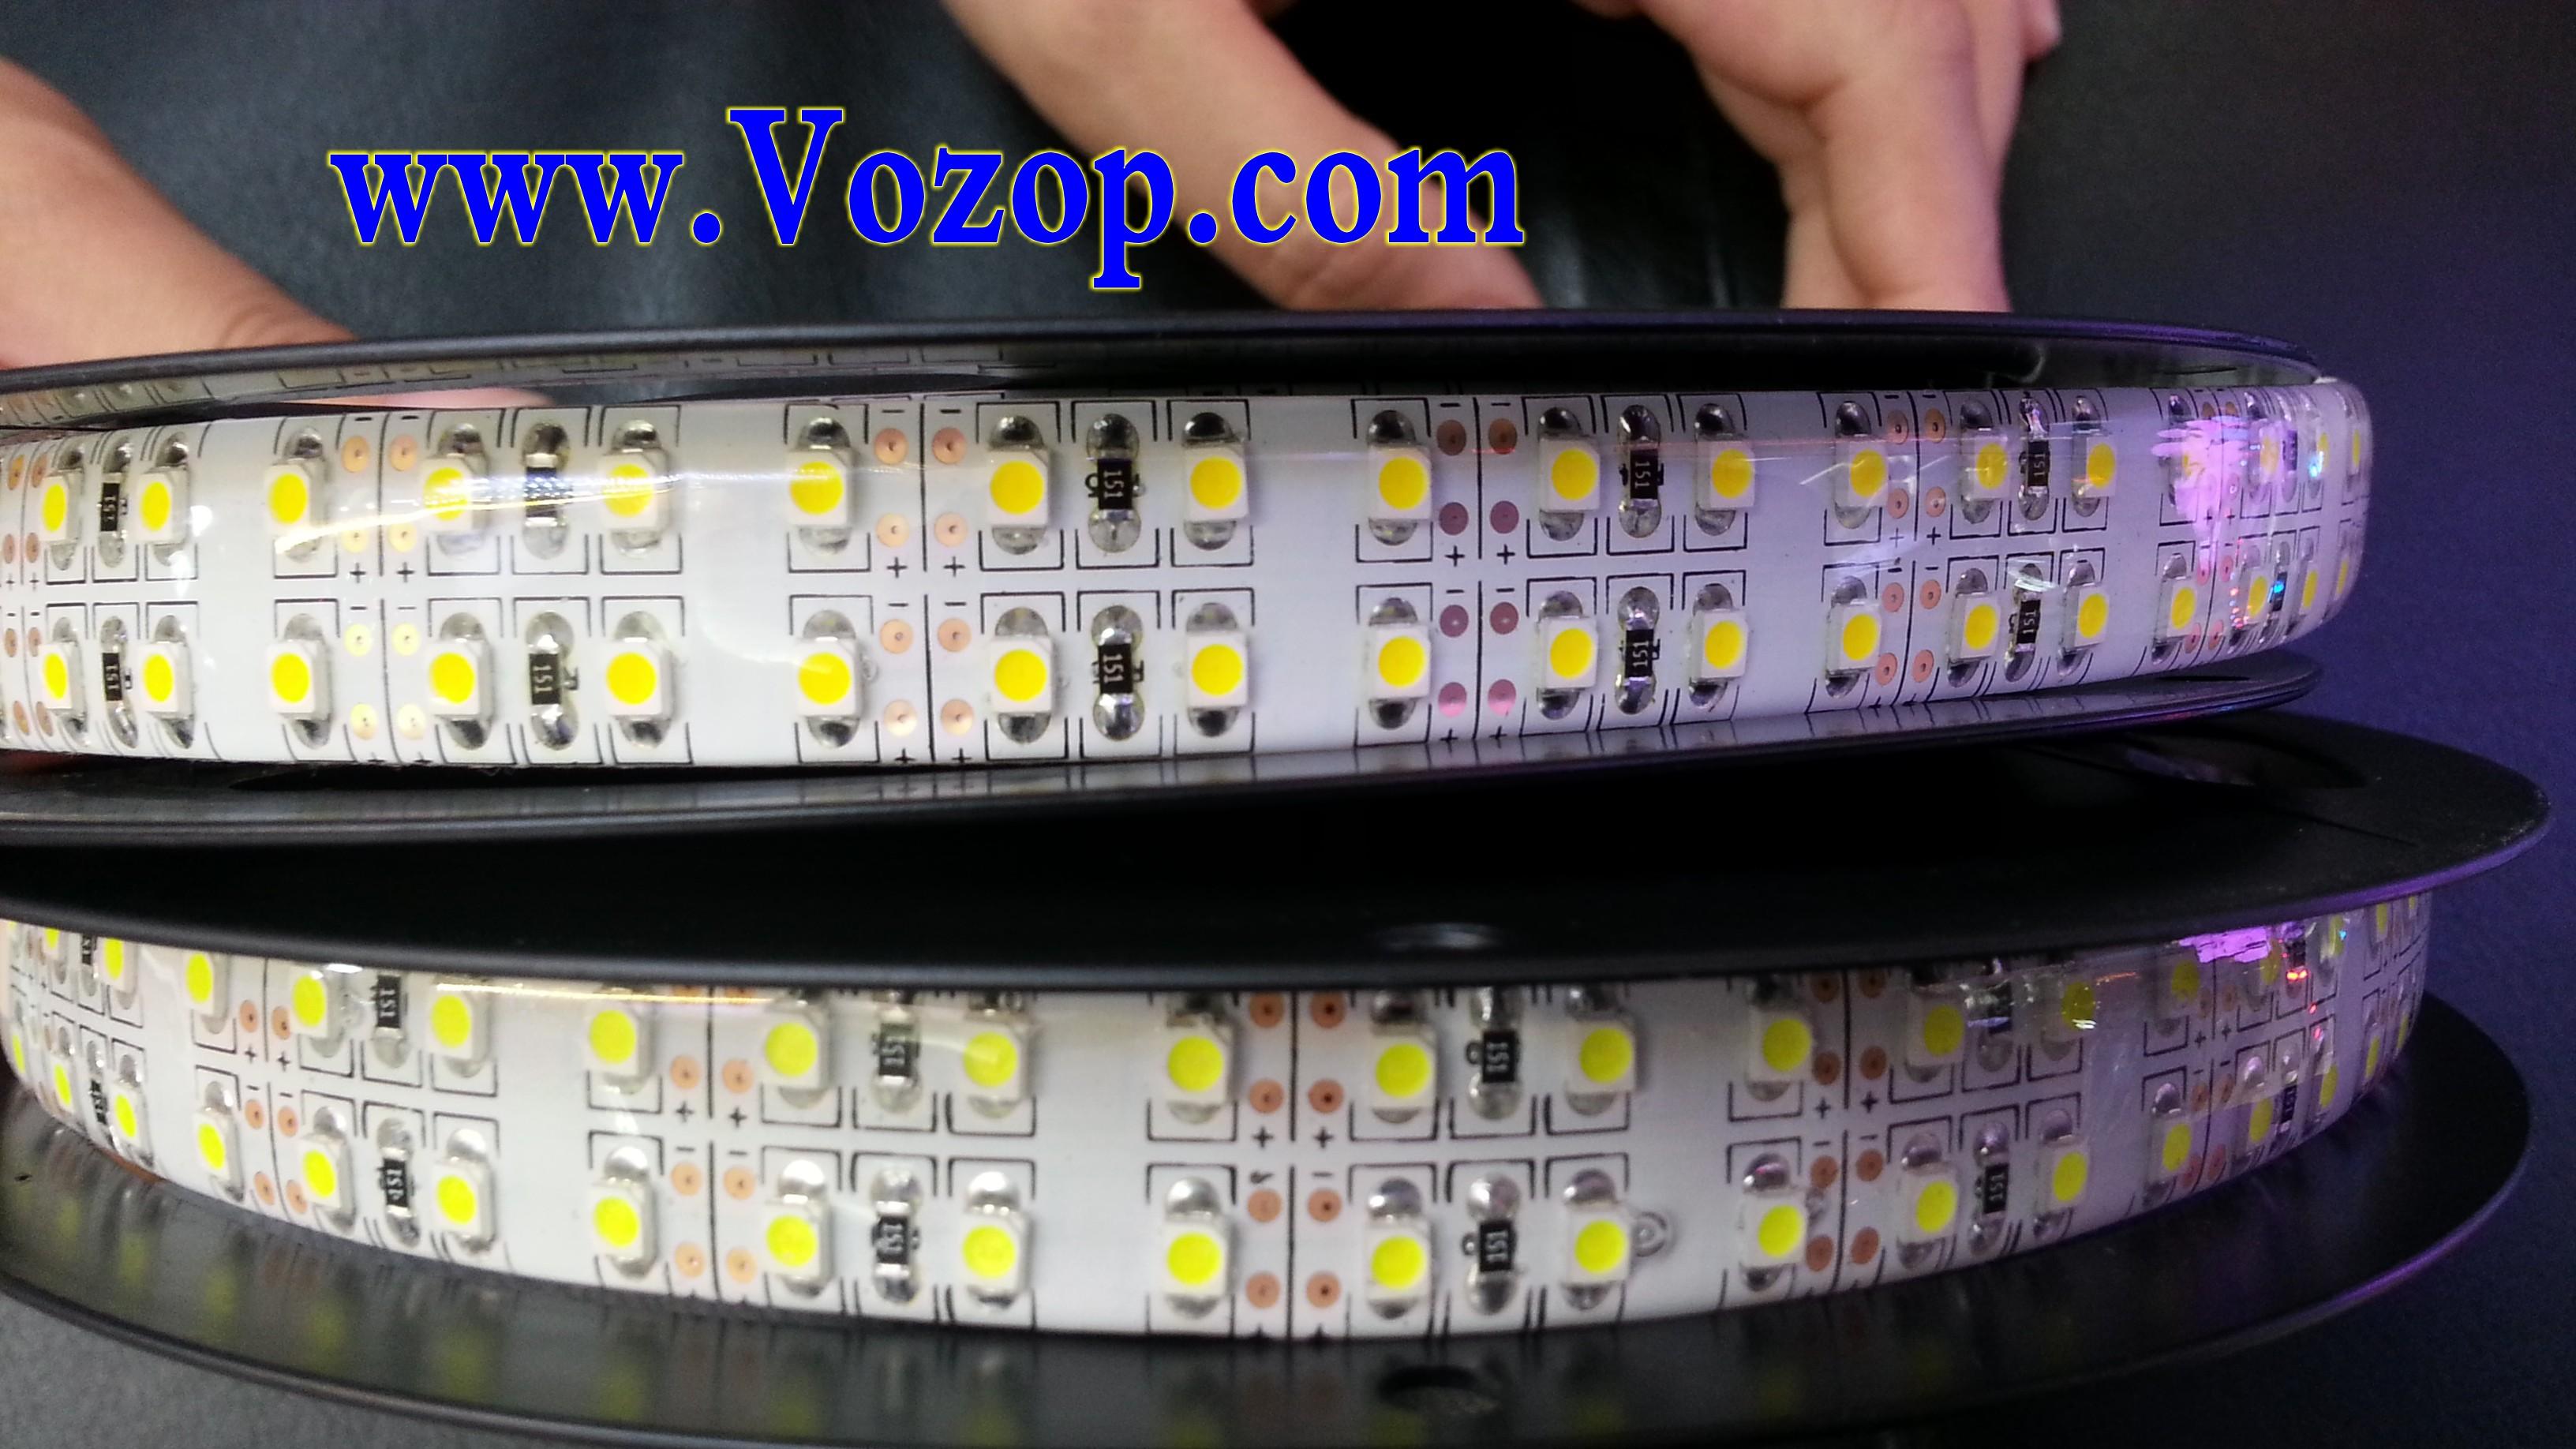 3528_5Meters_1200LEDs_tape_Strip_Warm_White_Waterproof_Lights